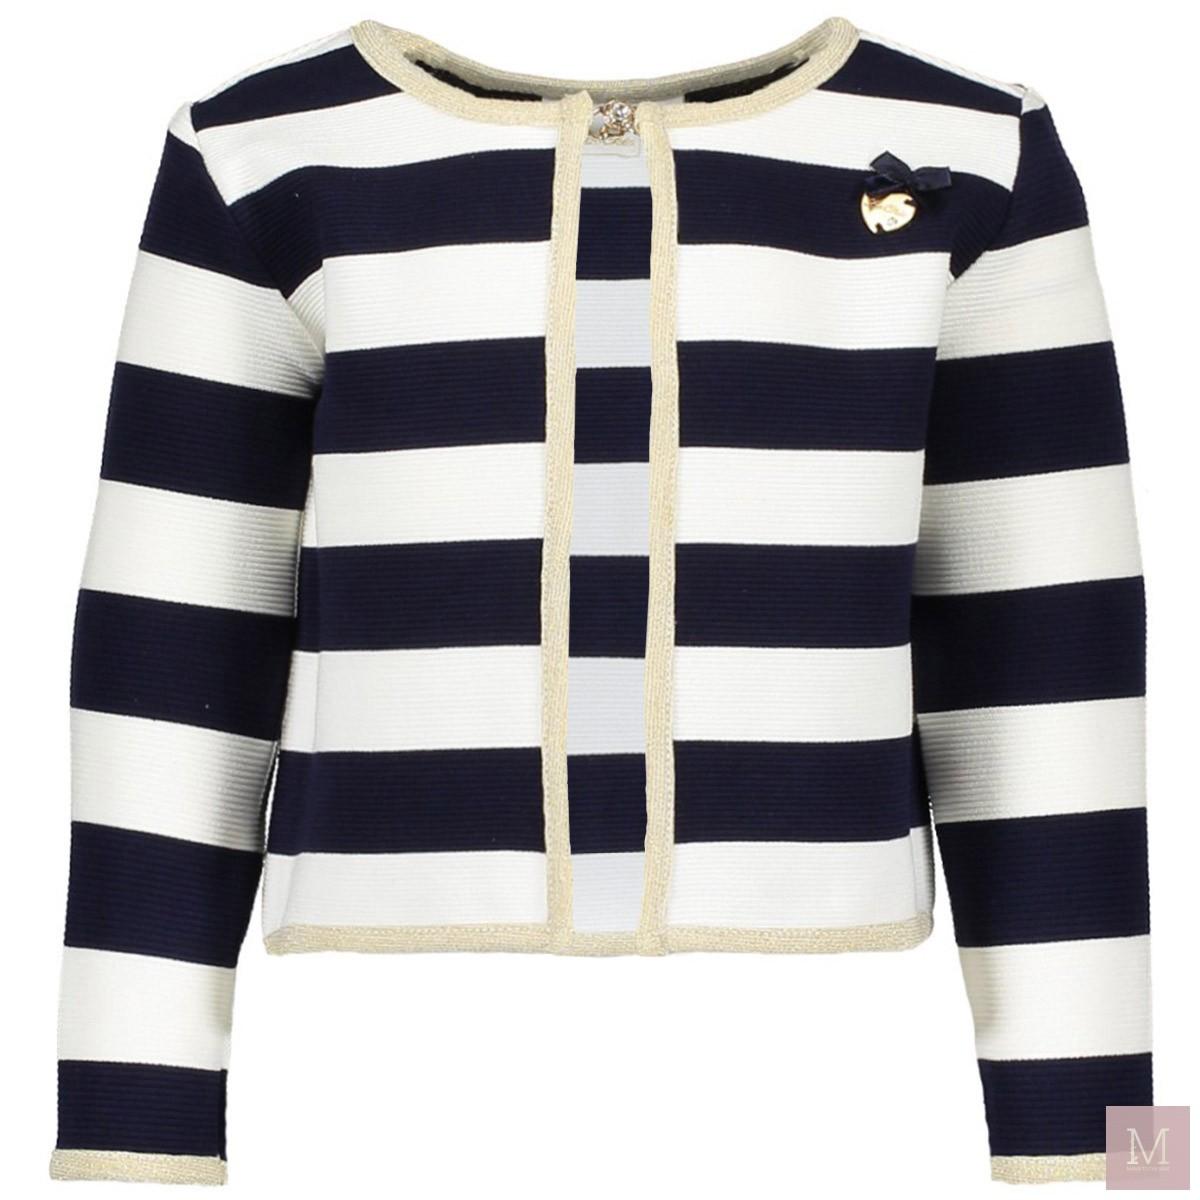 vestje Le Chic, favoriete kledingmerk